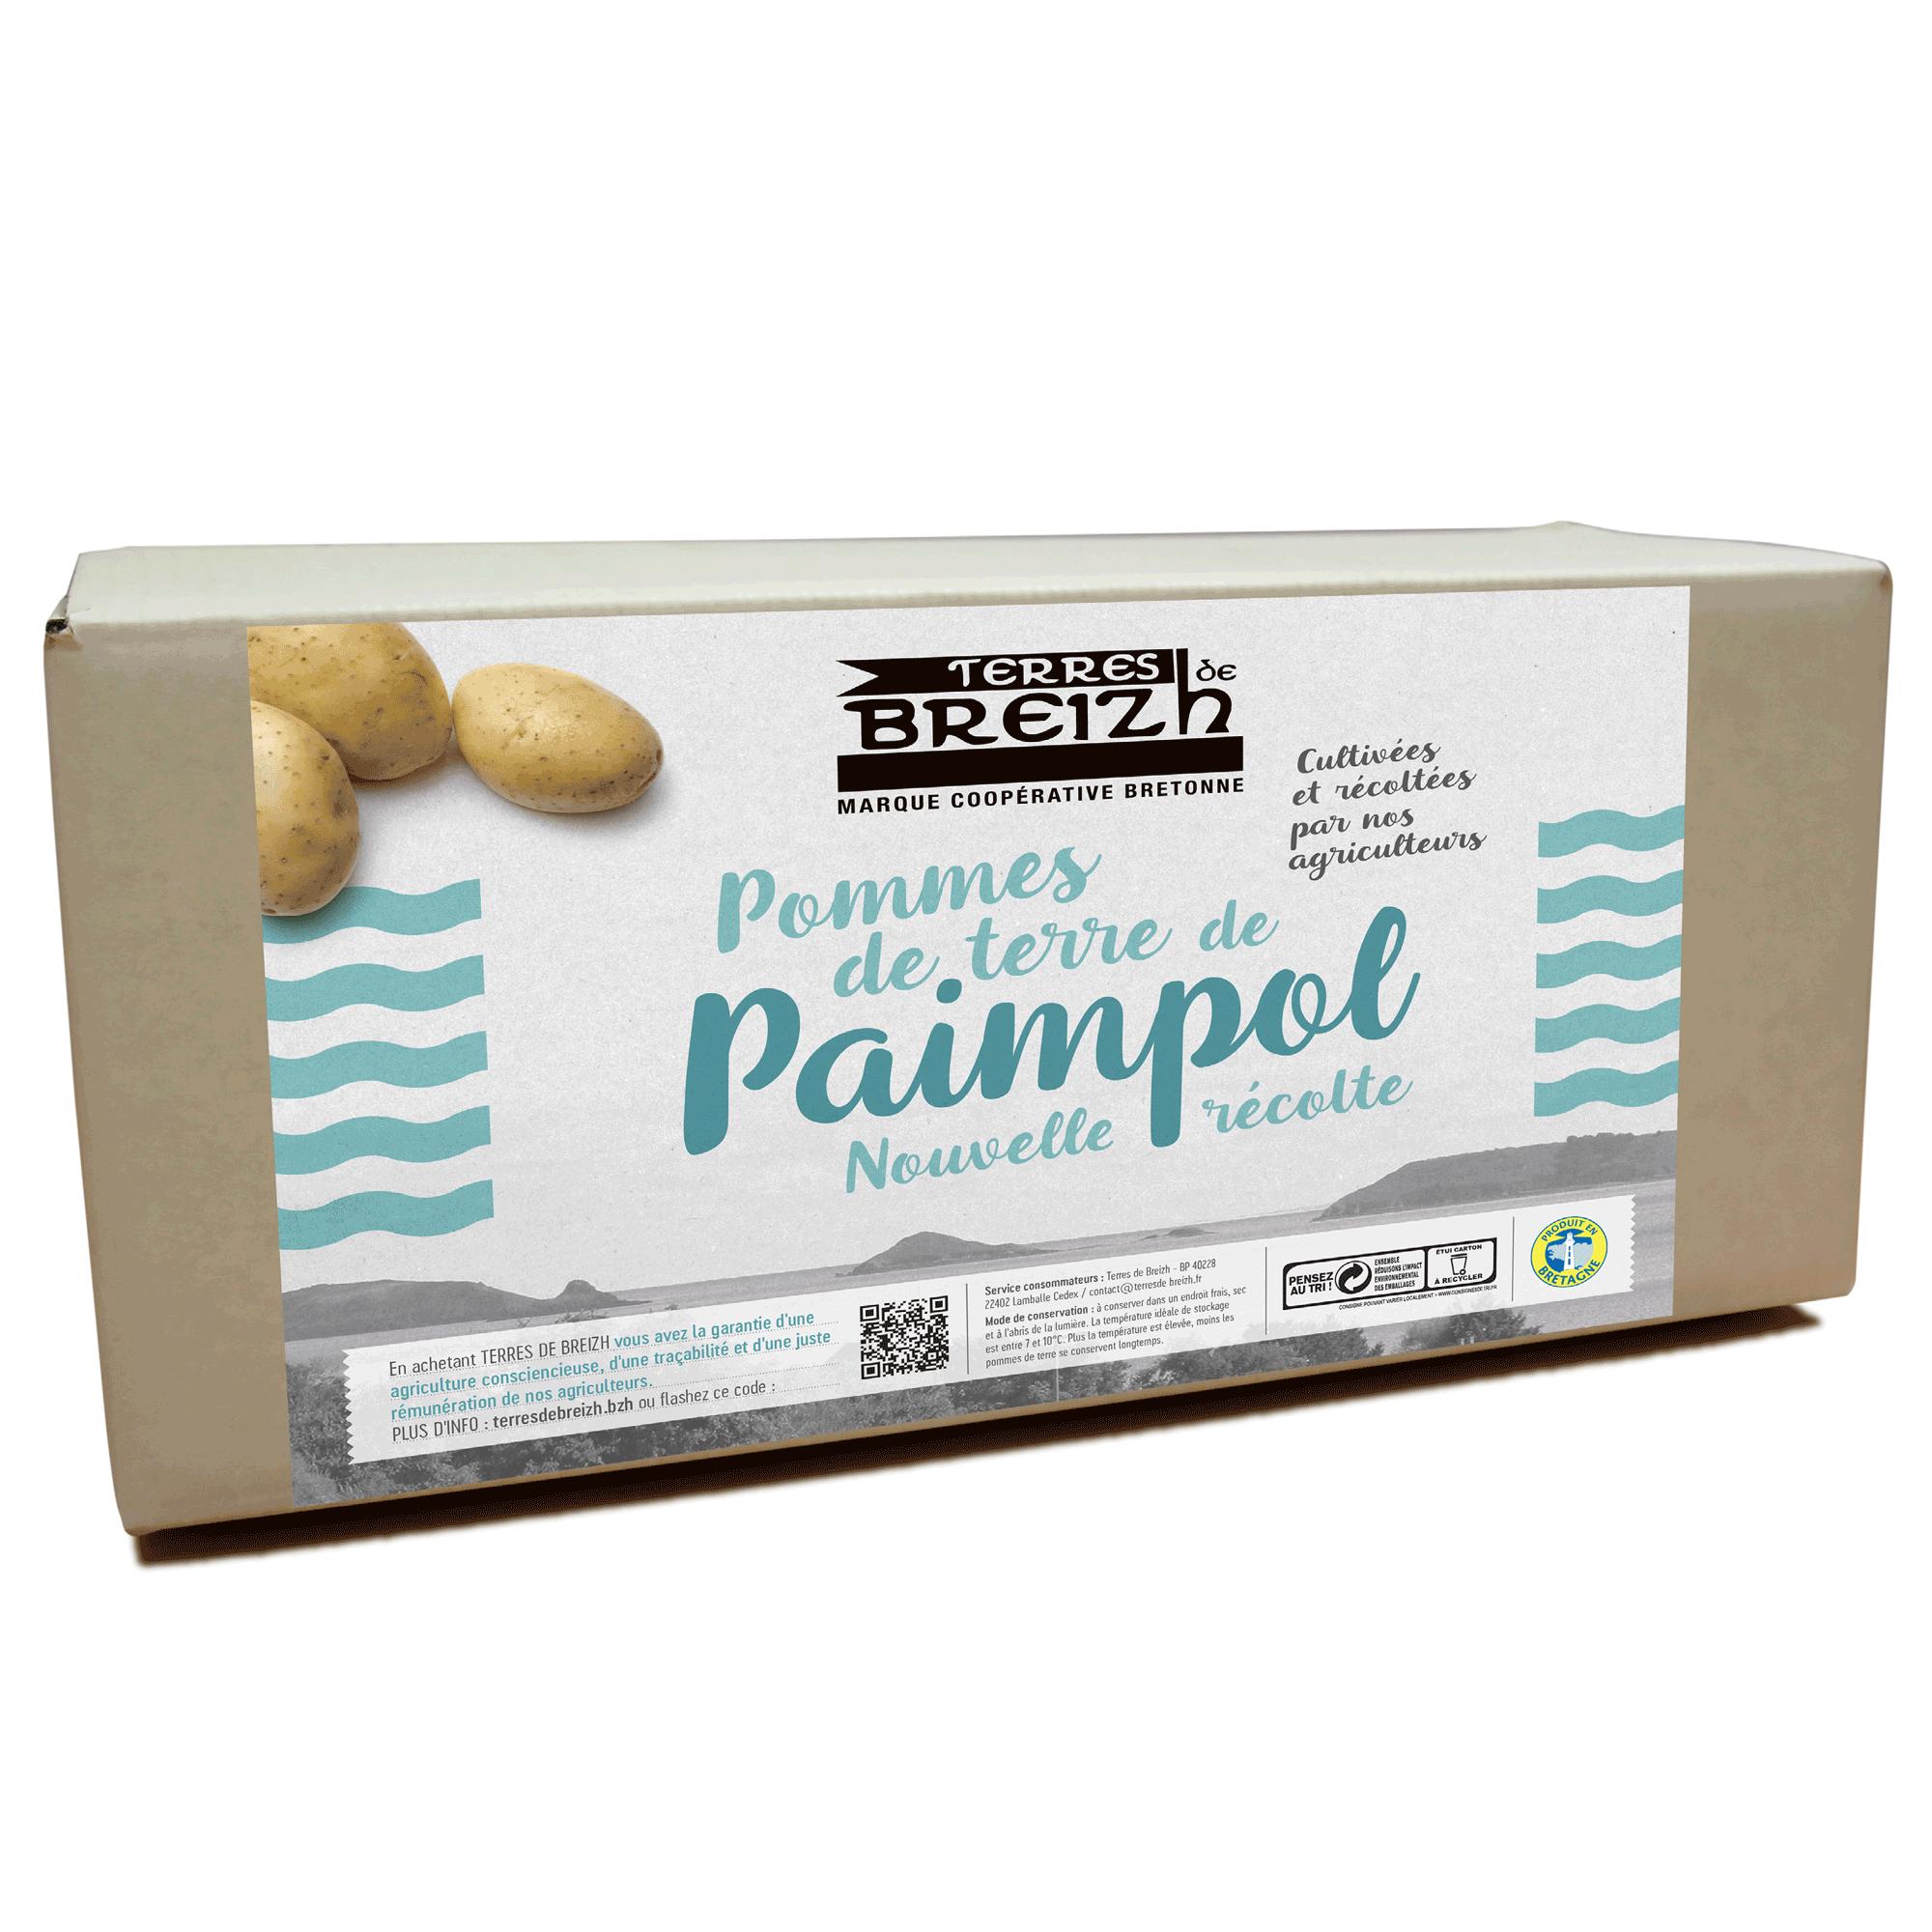 Carton-10-KG-Pommes-de-terre-de-Paimpol-Terres-de-Breizh